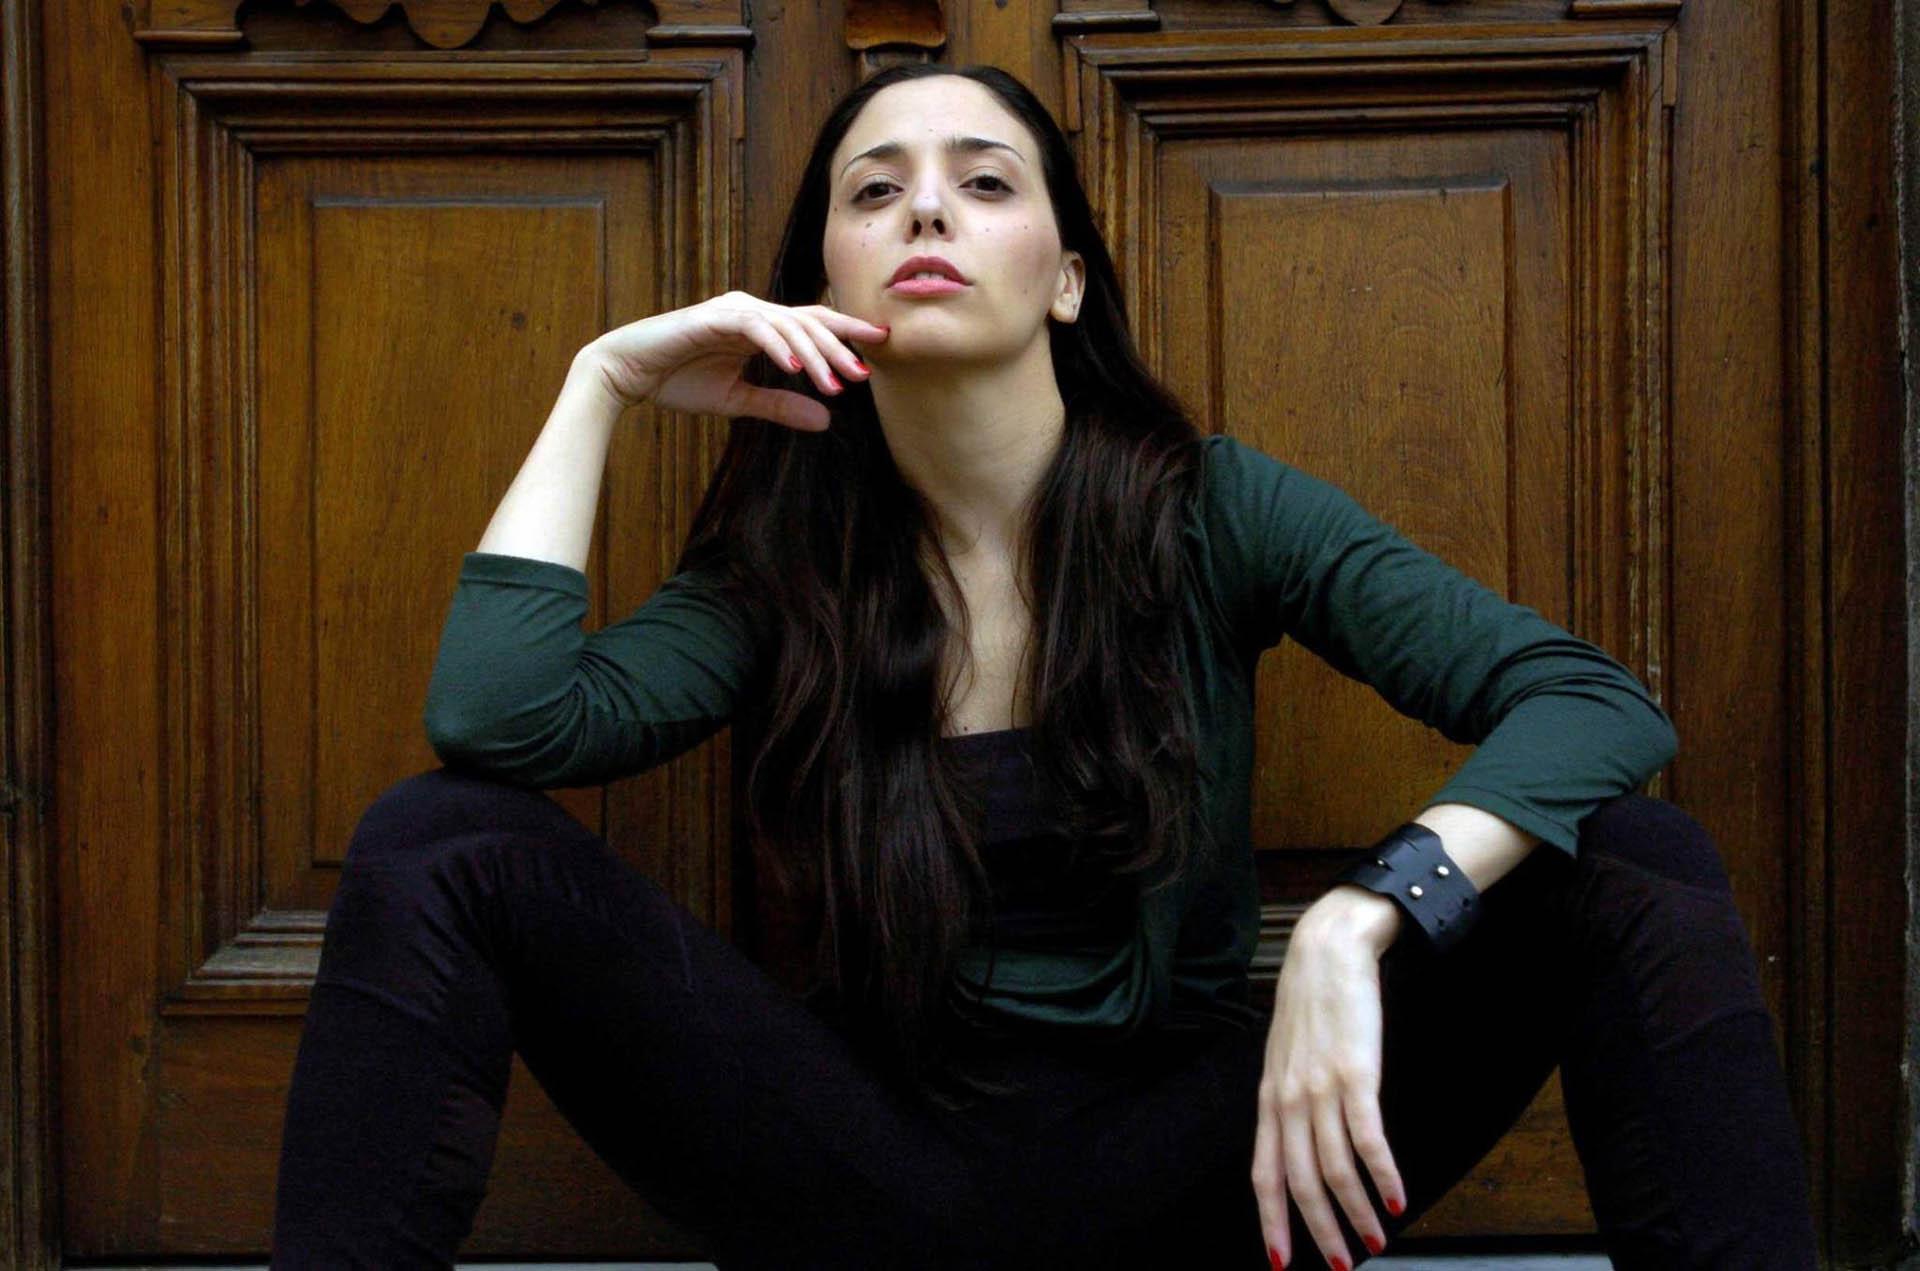 """Anita Coacci denunció que Juan Darthés la acosó sexualmente cuando trabajaron en """"Gasoleros"""". El actor ya había sido acusado por Calu Rivero"""